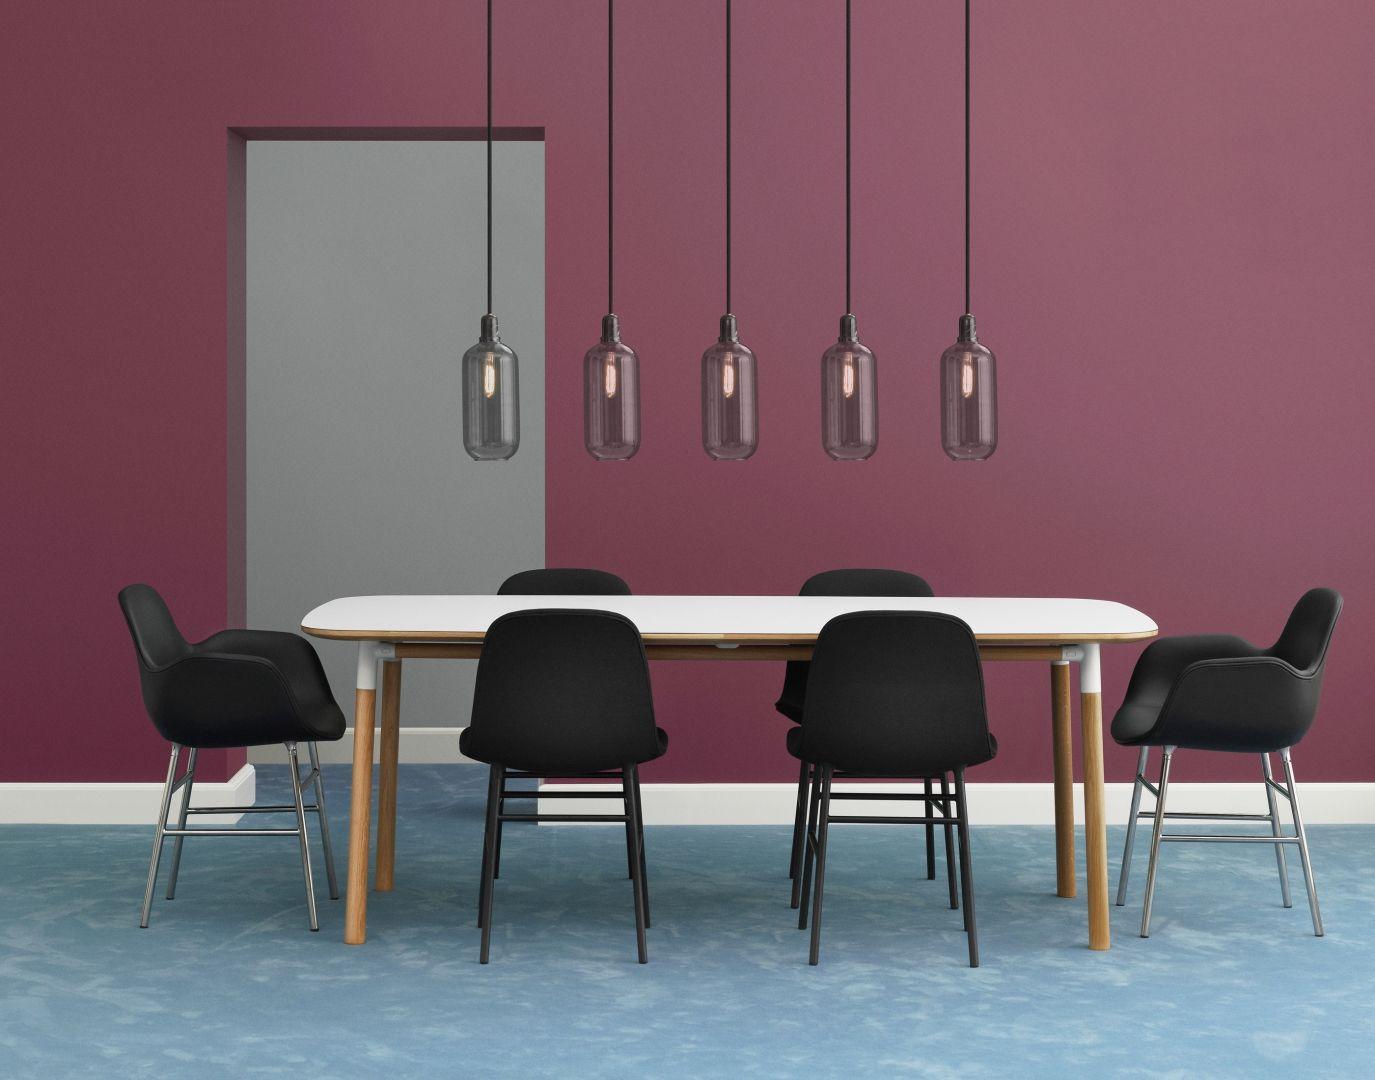 Eetkamer inspiratiefoto met Normann Copenhagen Hanglampen